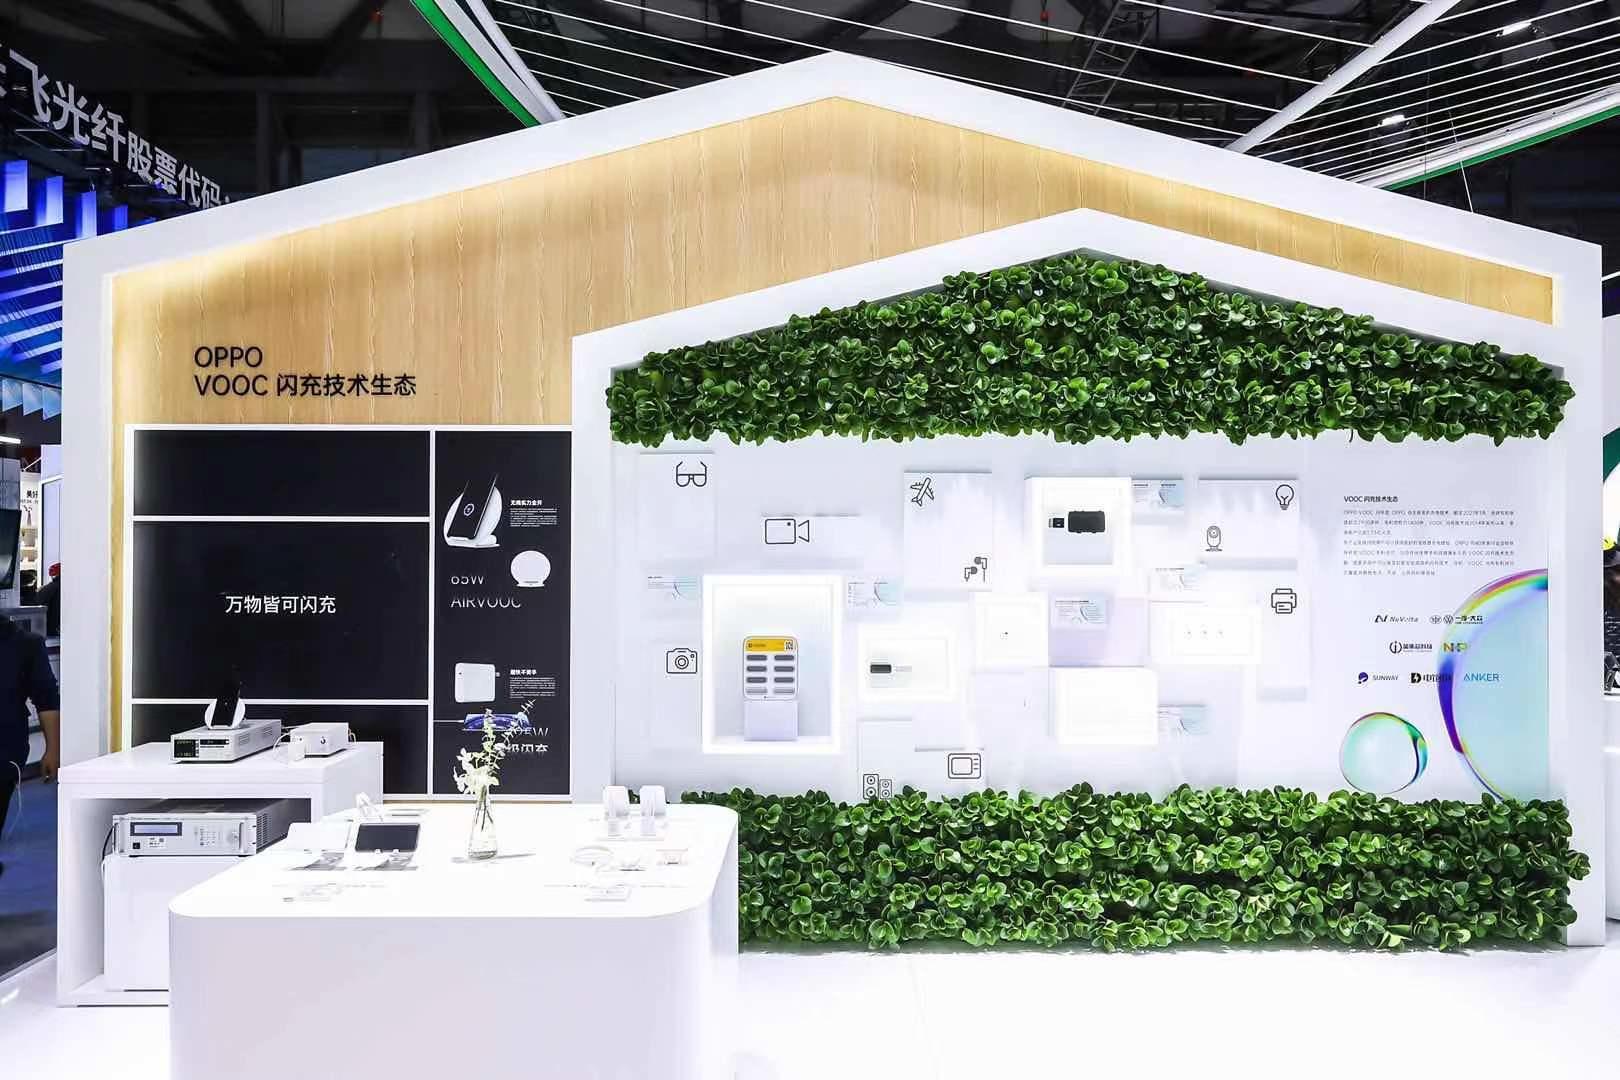 OPPO hé lộ thế hệ sạc nhanh mới tại MWC Thượng Hải 2021